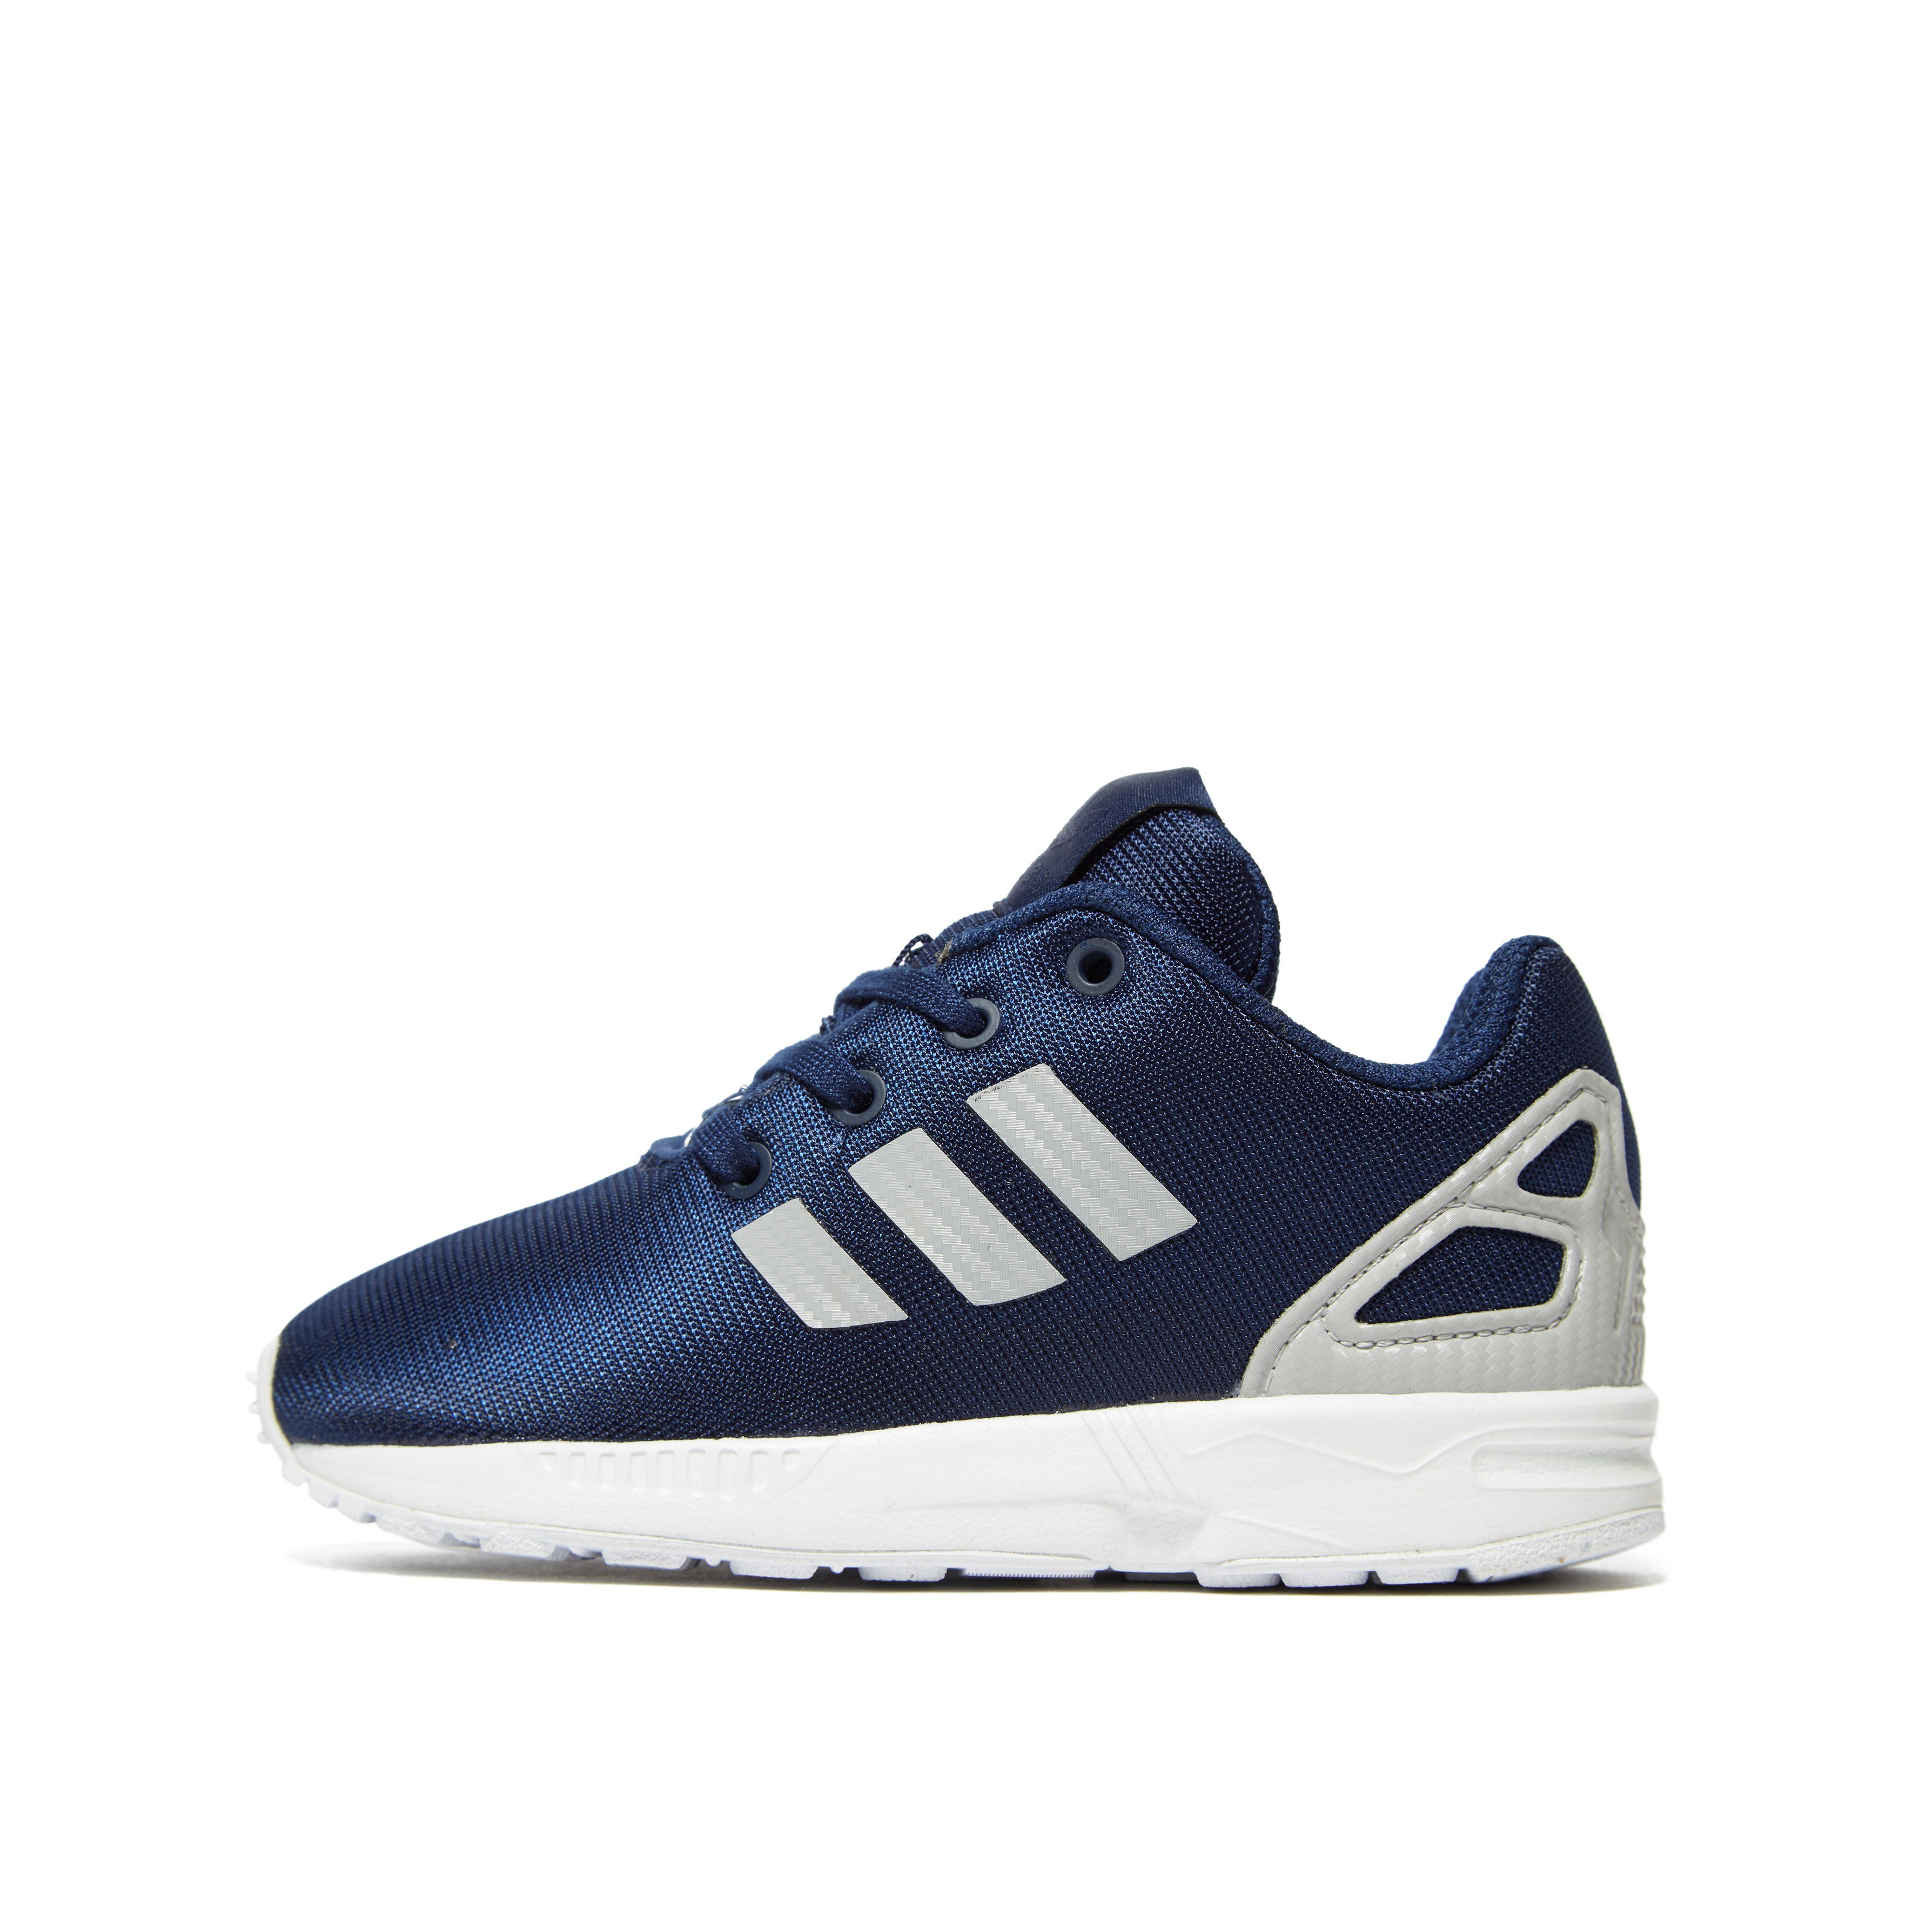 timeless design e5d33 0c252 ... norway adidas originals zx flux småbørn jd sports f53c0 6ce94 ...